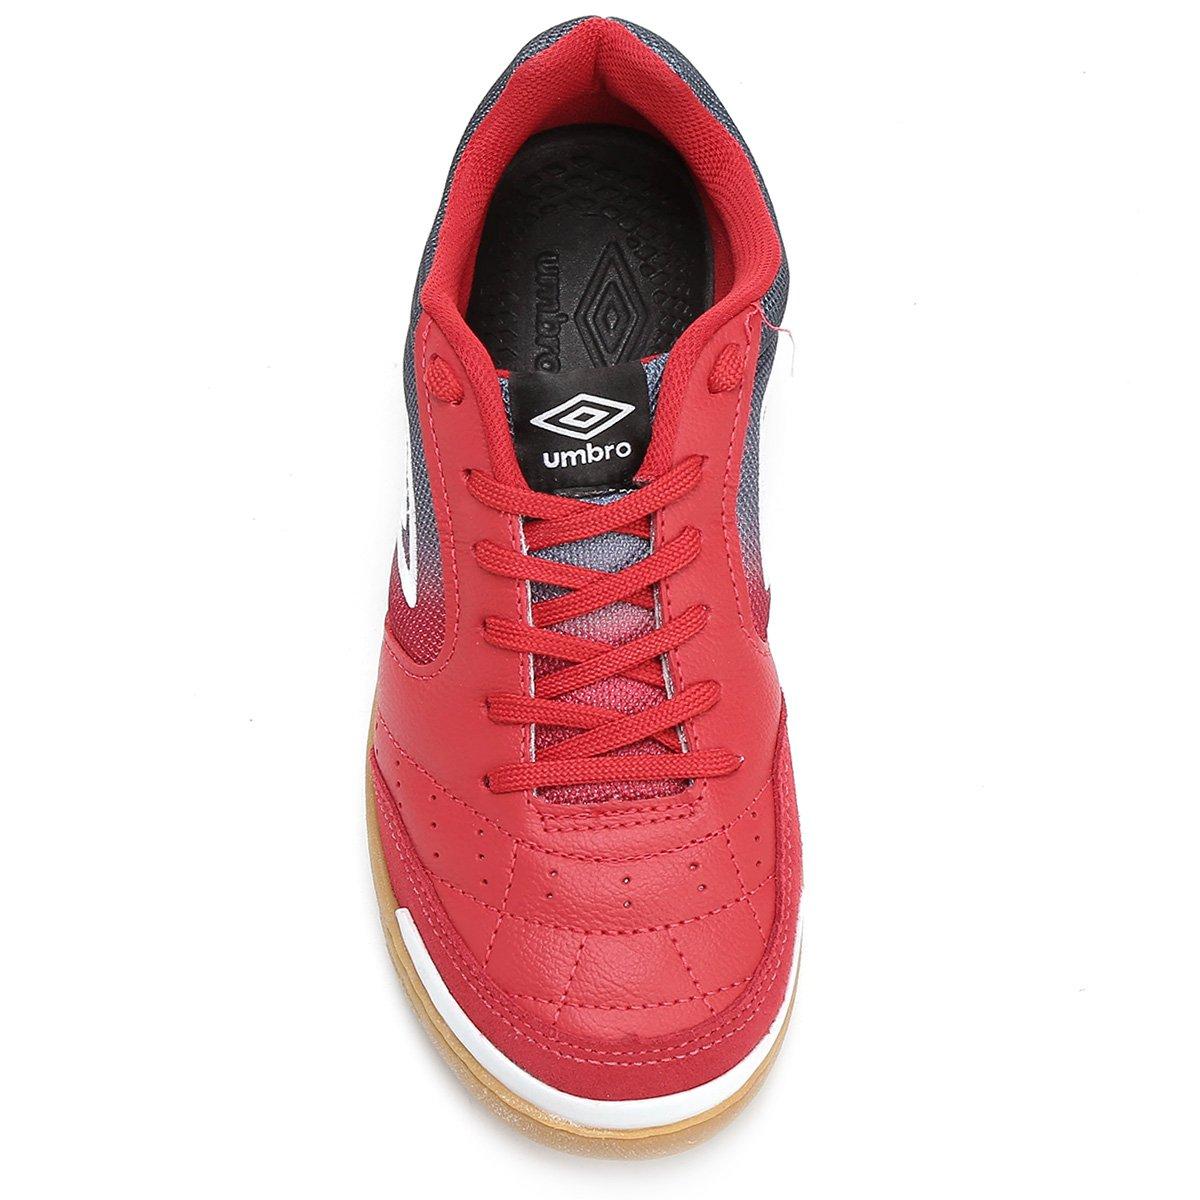 836a7bc5d7 Chuteira Futsal Umbro Box - Vermelho e Marinho - Compre Agora